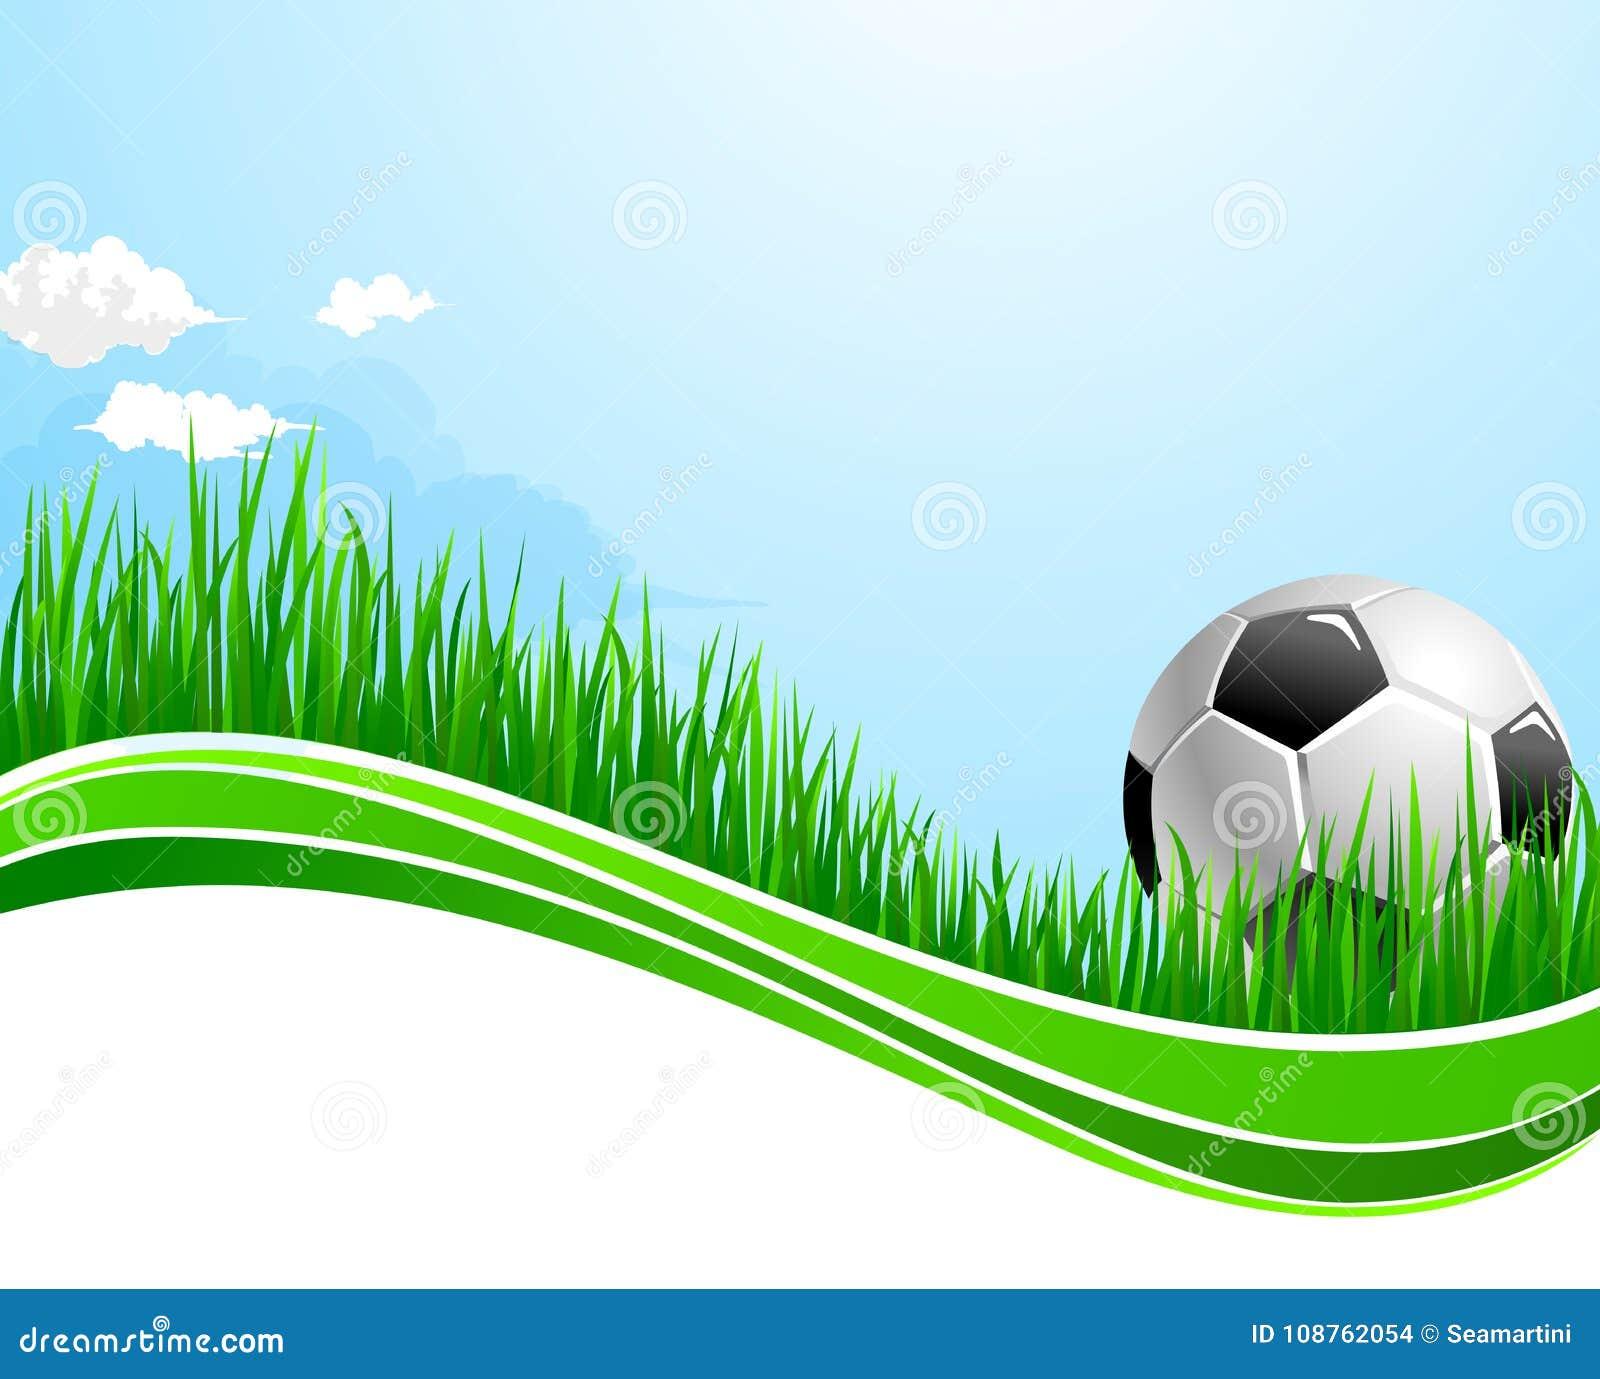 5e2fe3653 Fundo Da Arena De Esporte Do Futebol Do Futebol Do Vetor Ilustração ...